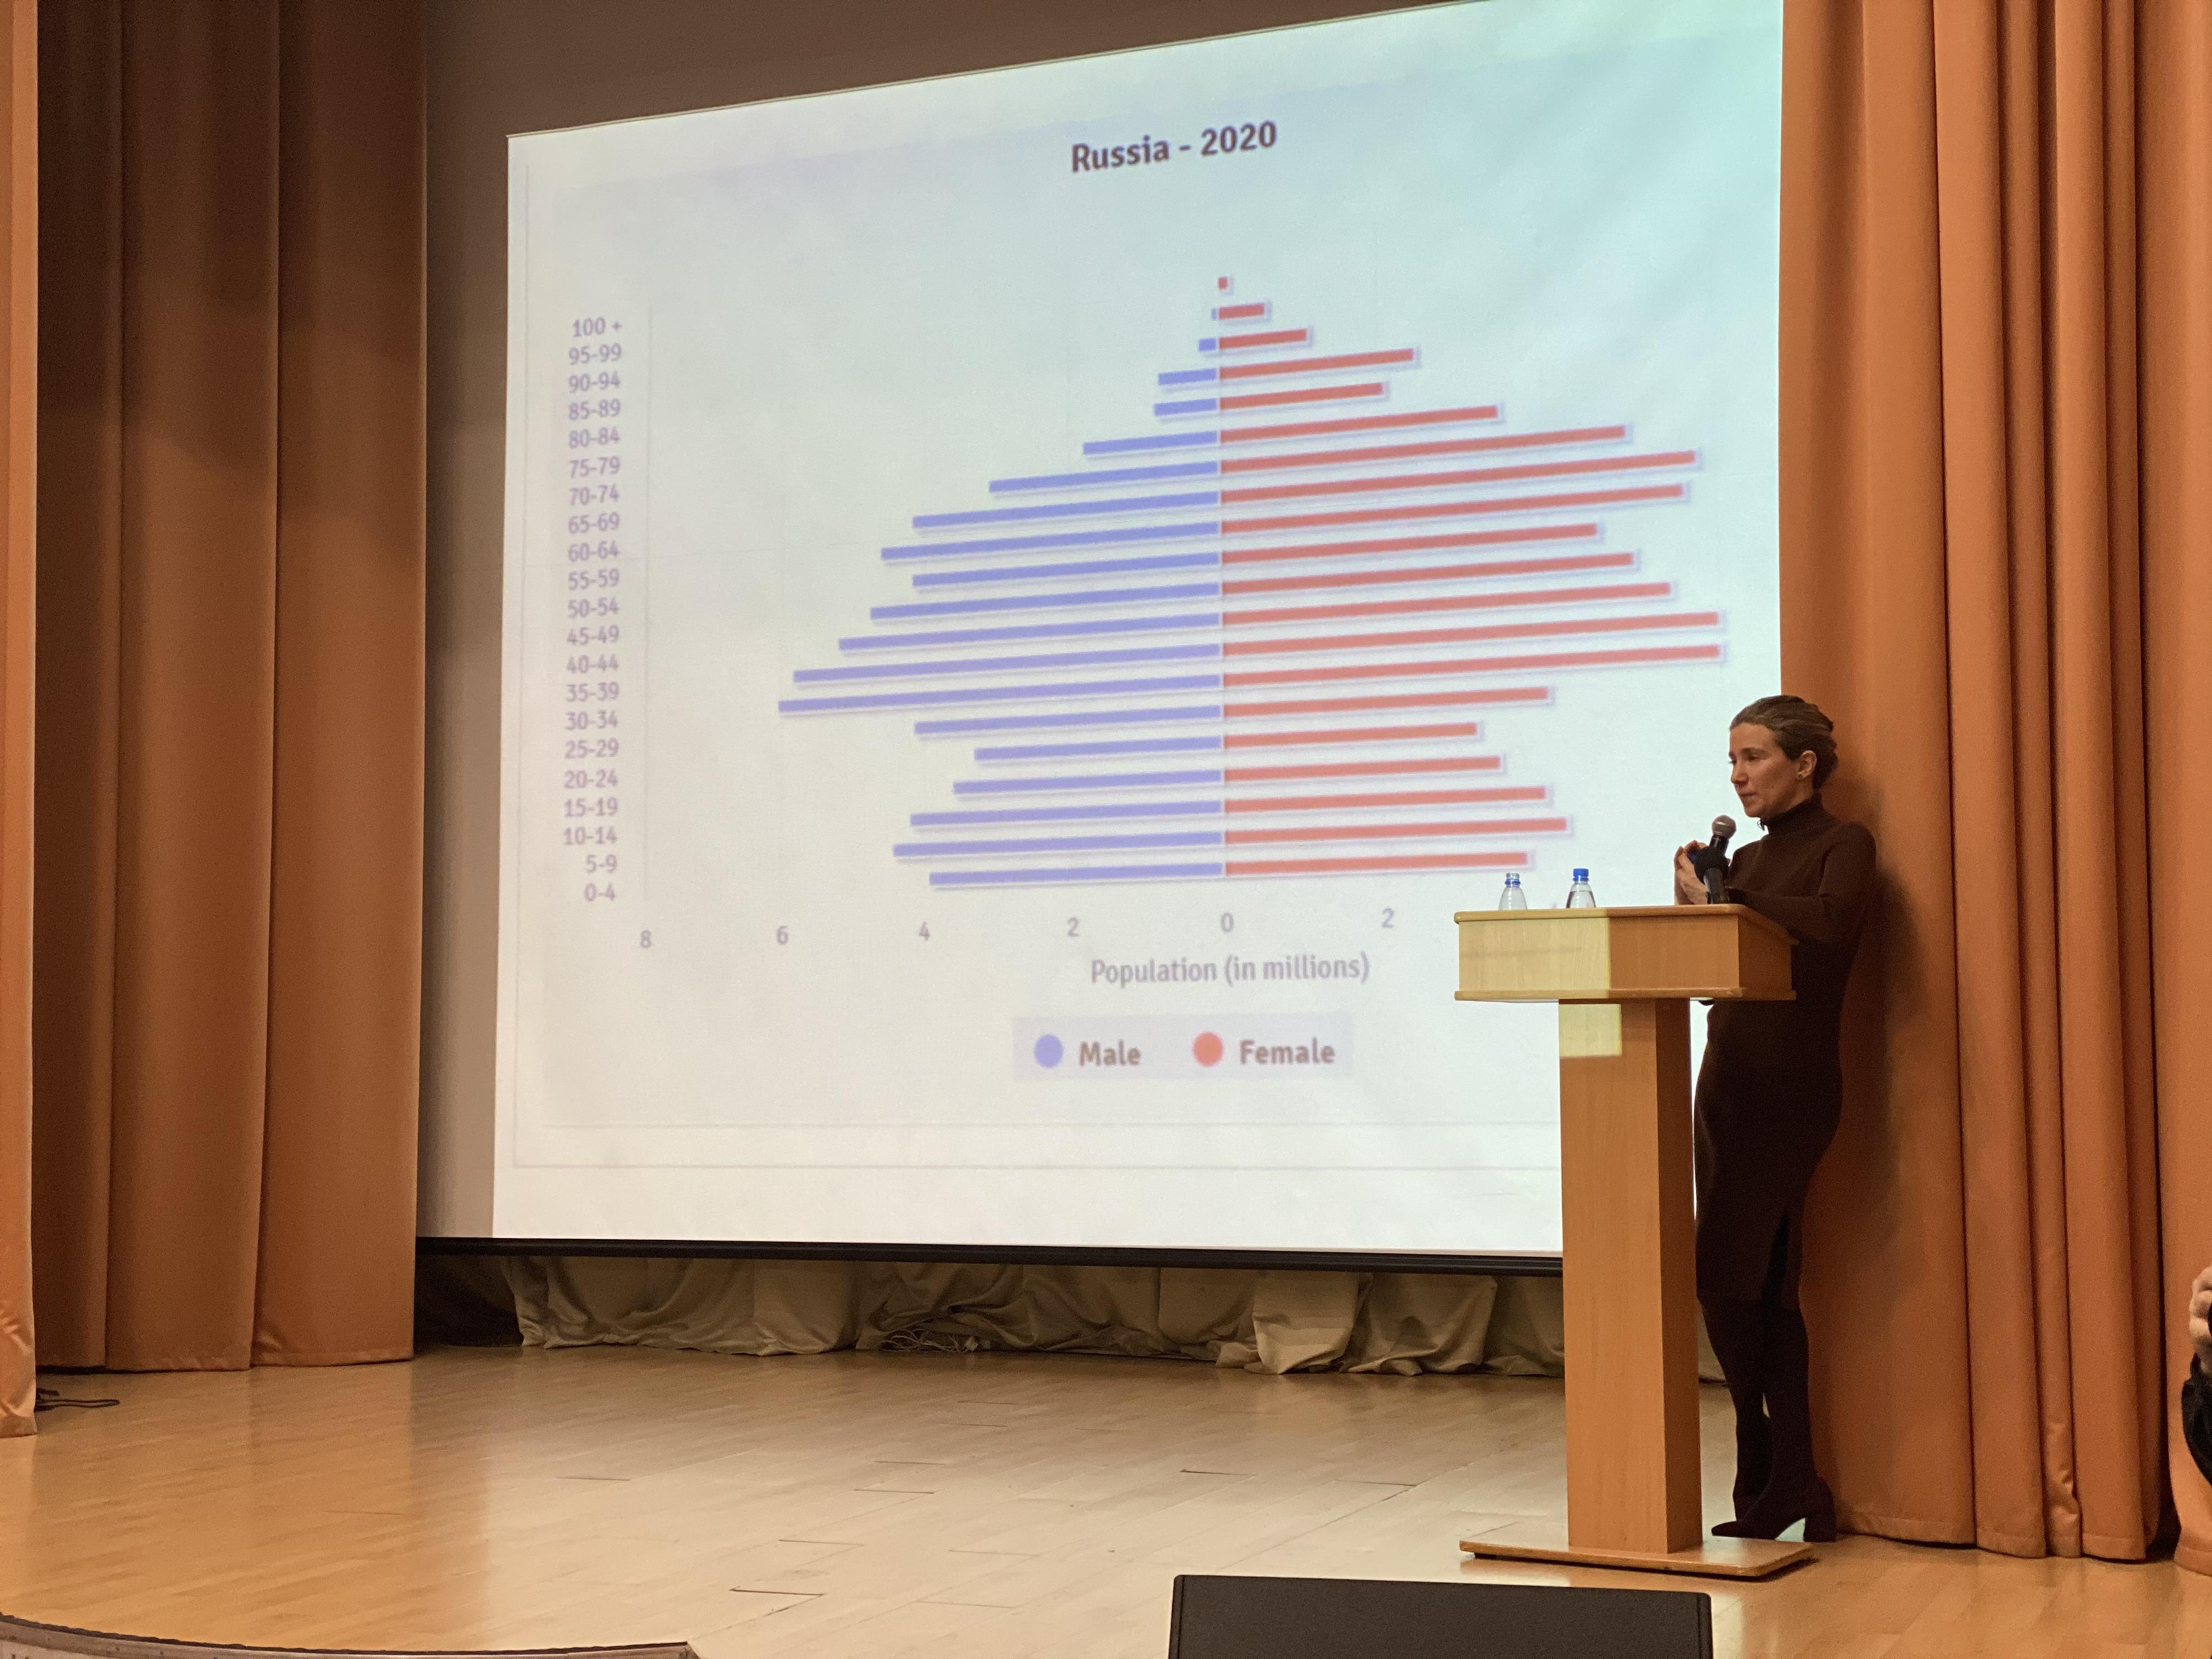 Екатерина Шульман: пандемия не приносит нового